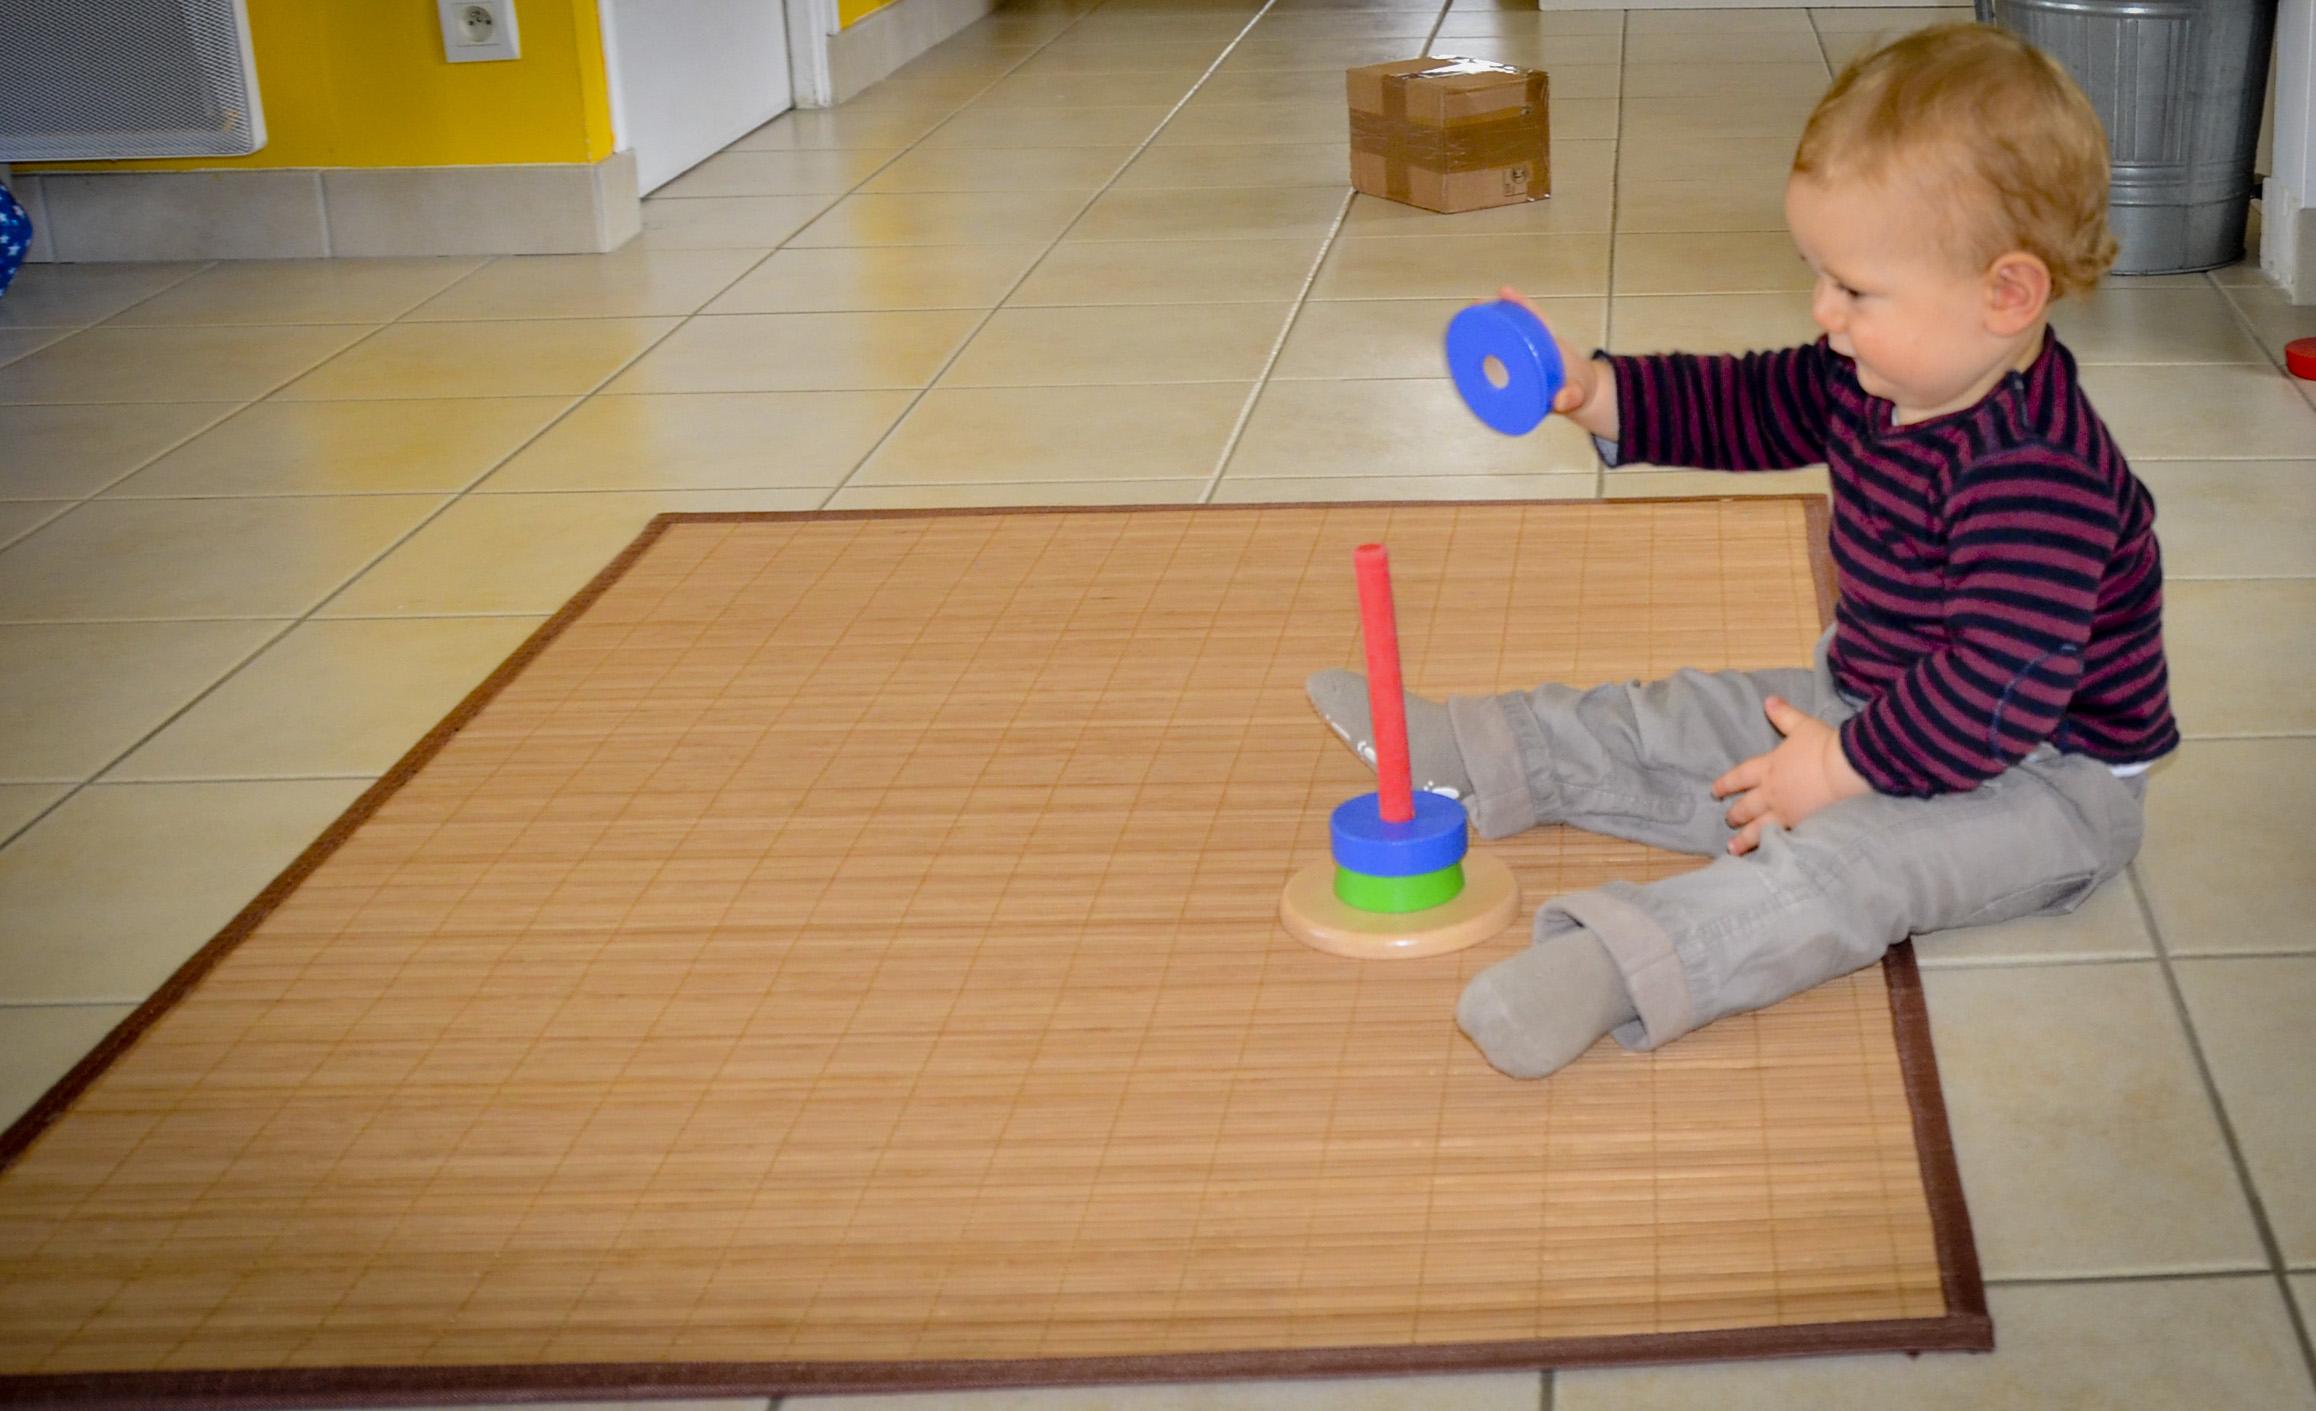 Jeux Montessori pour enfants de 6 à 12 mois. Lesquels choisir?